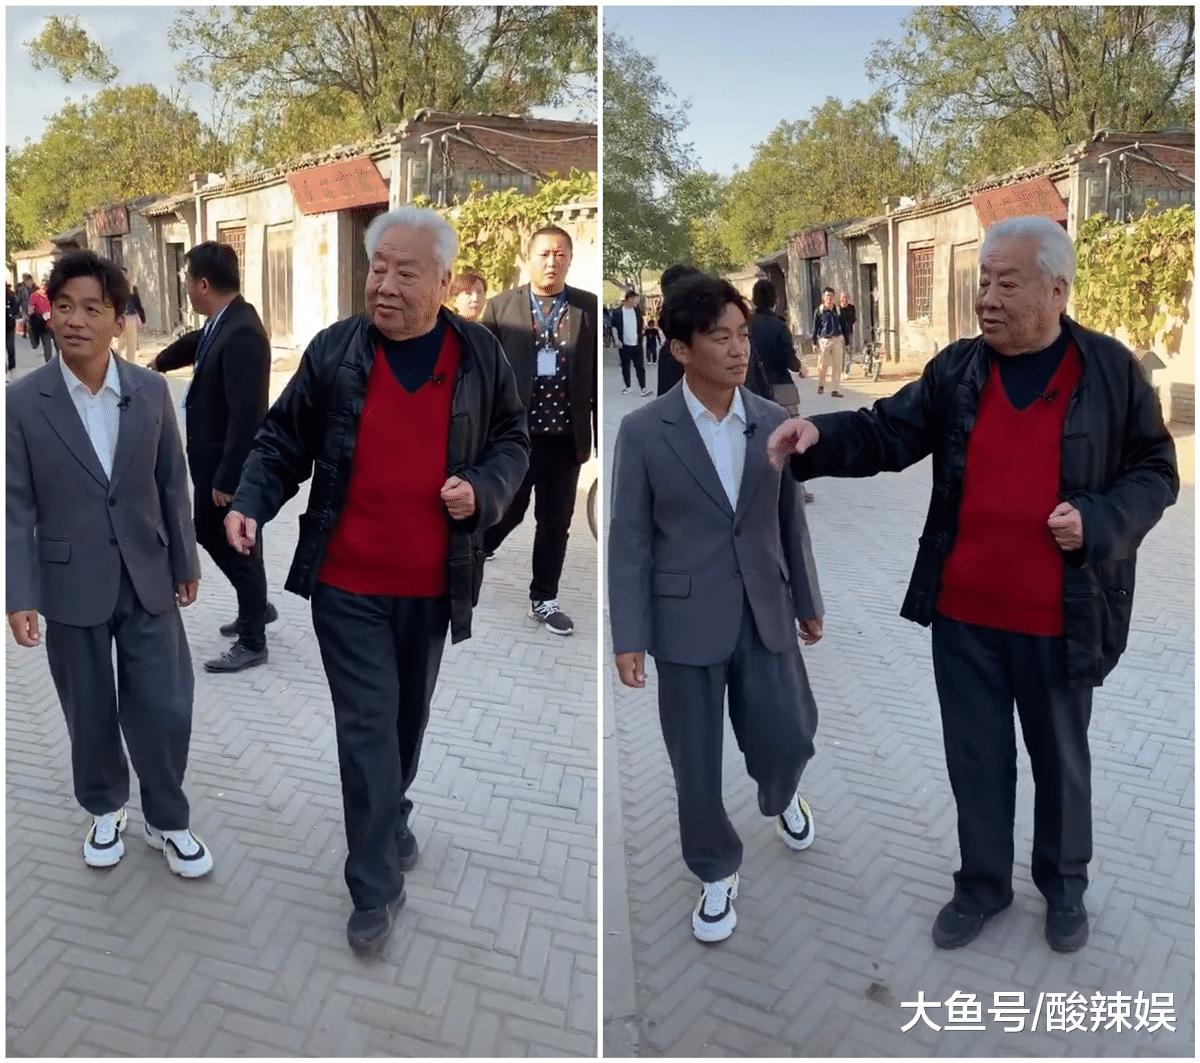 王宝强真是越来越时尚了!这样的打扮和李易峰朱一龙有什么区别?